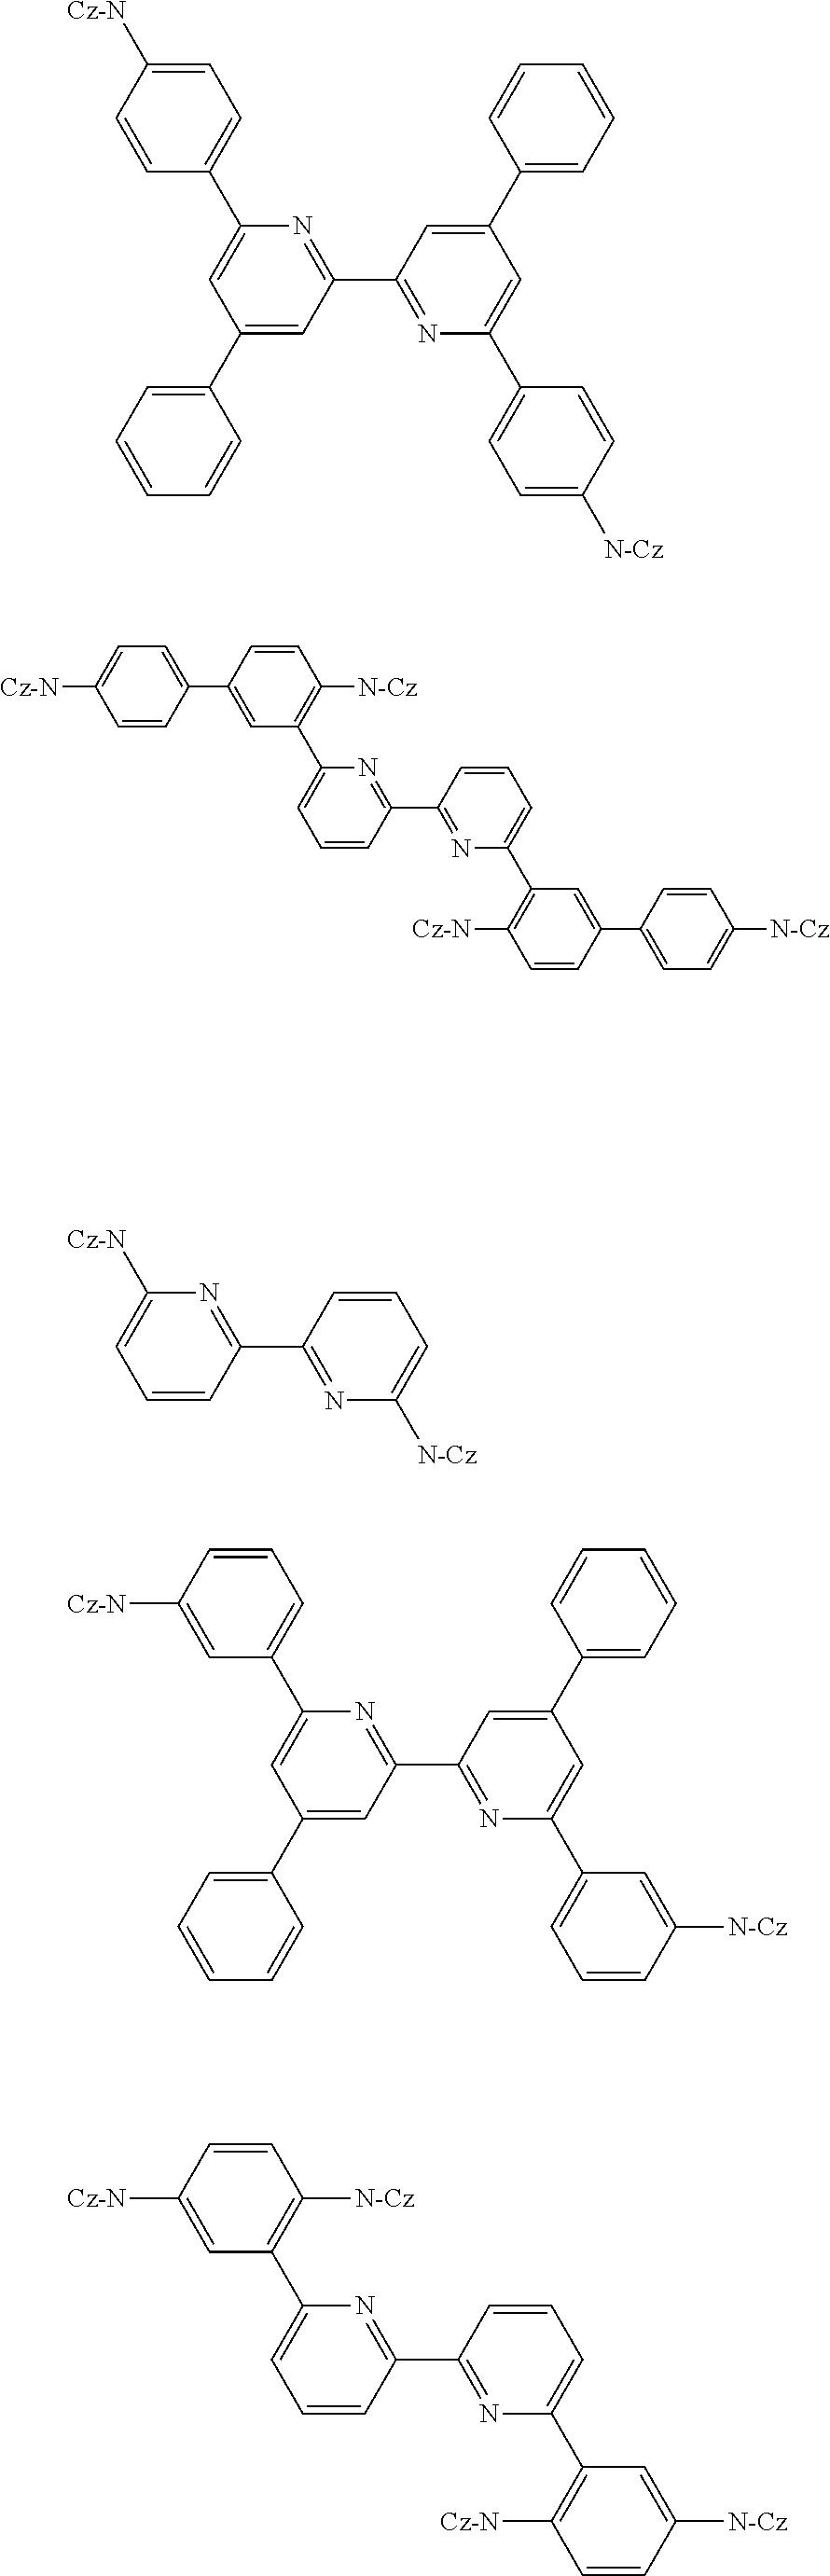 Figure US20110215312A1-20110908-C00065